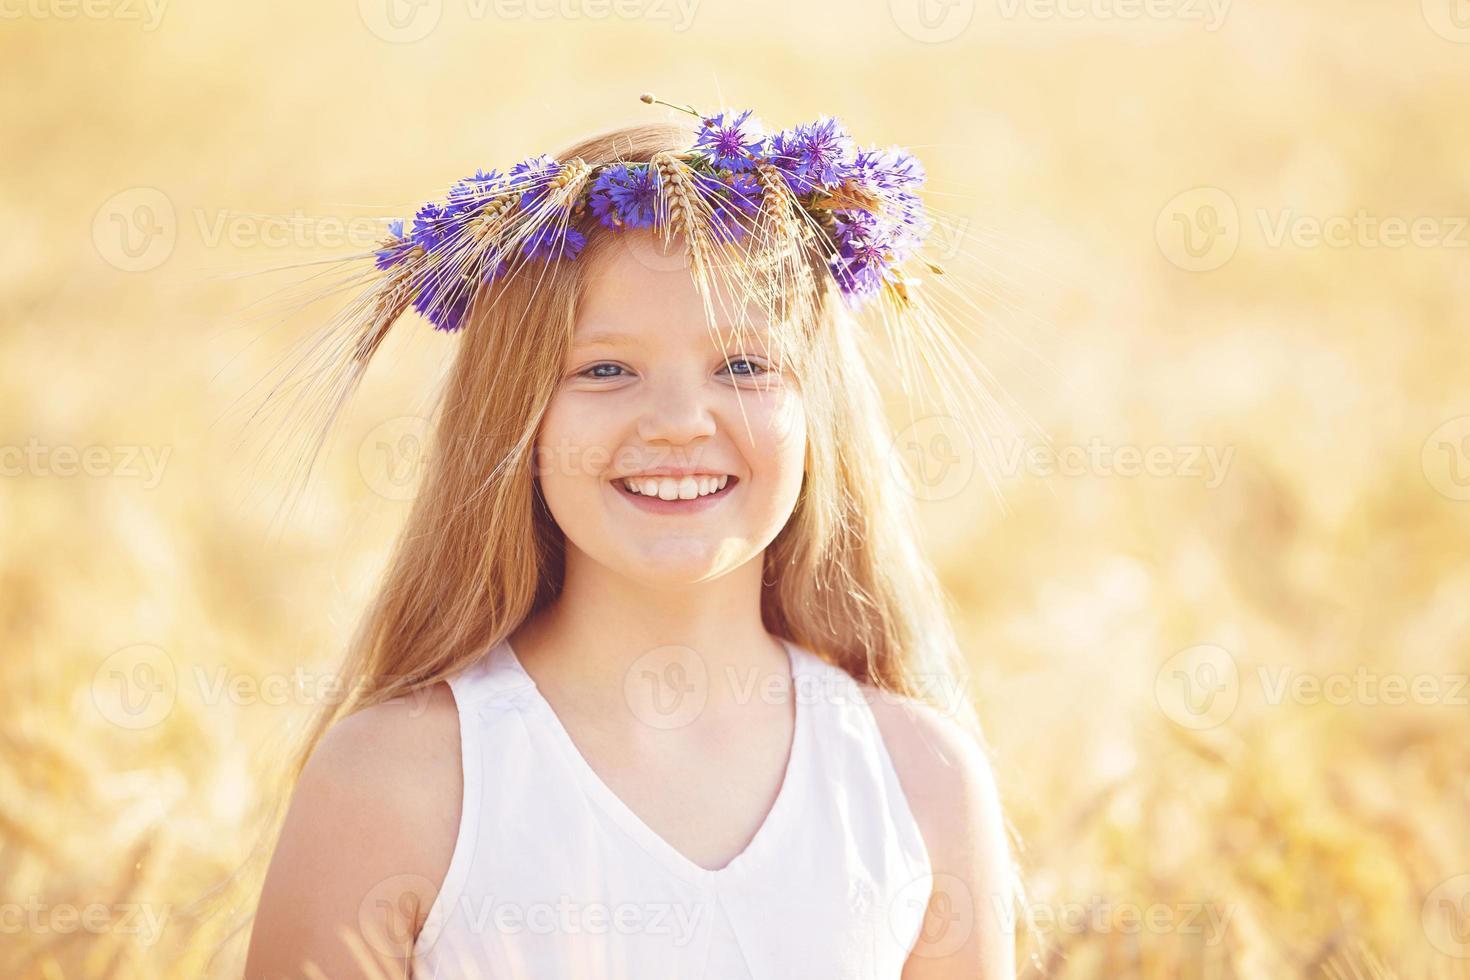 niña feliz con corona de flores en el campo de trigo de verano foto